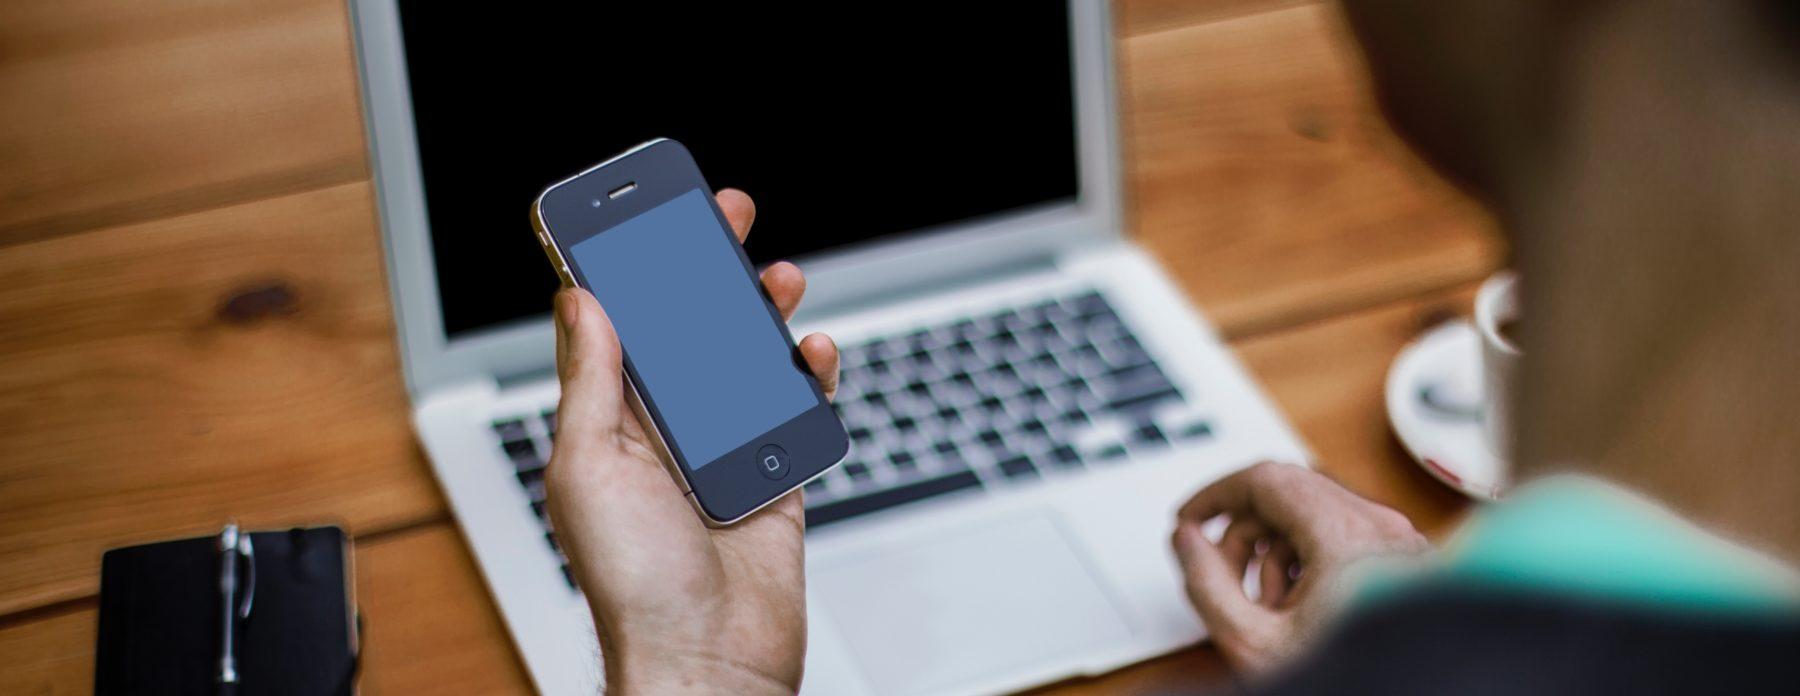 Jak sprawdzić numer IMEI w telefonie?